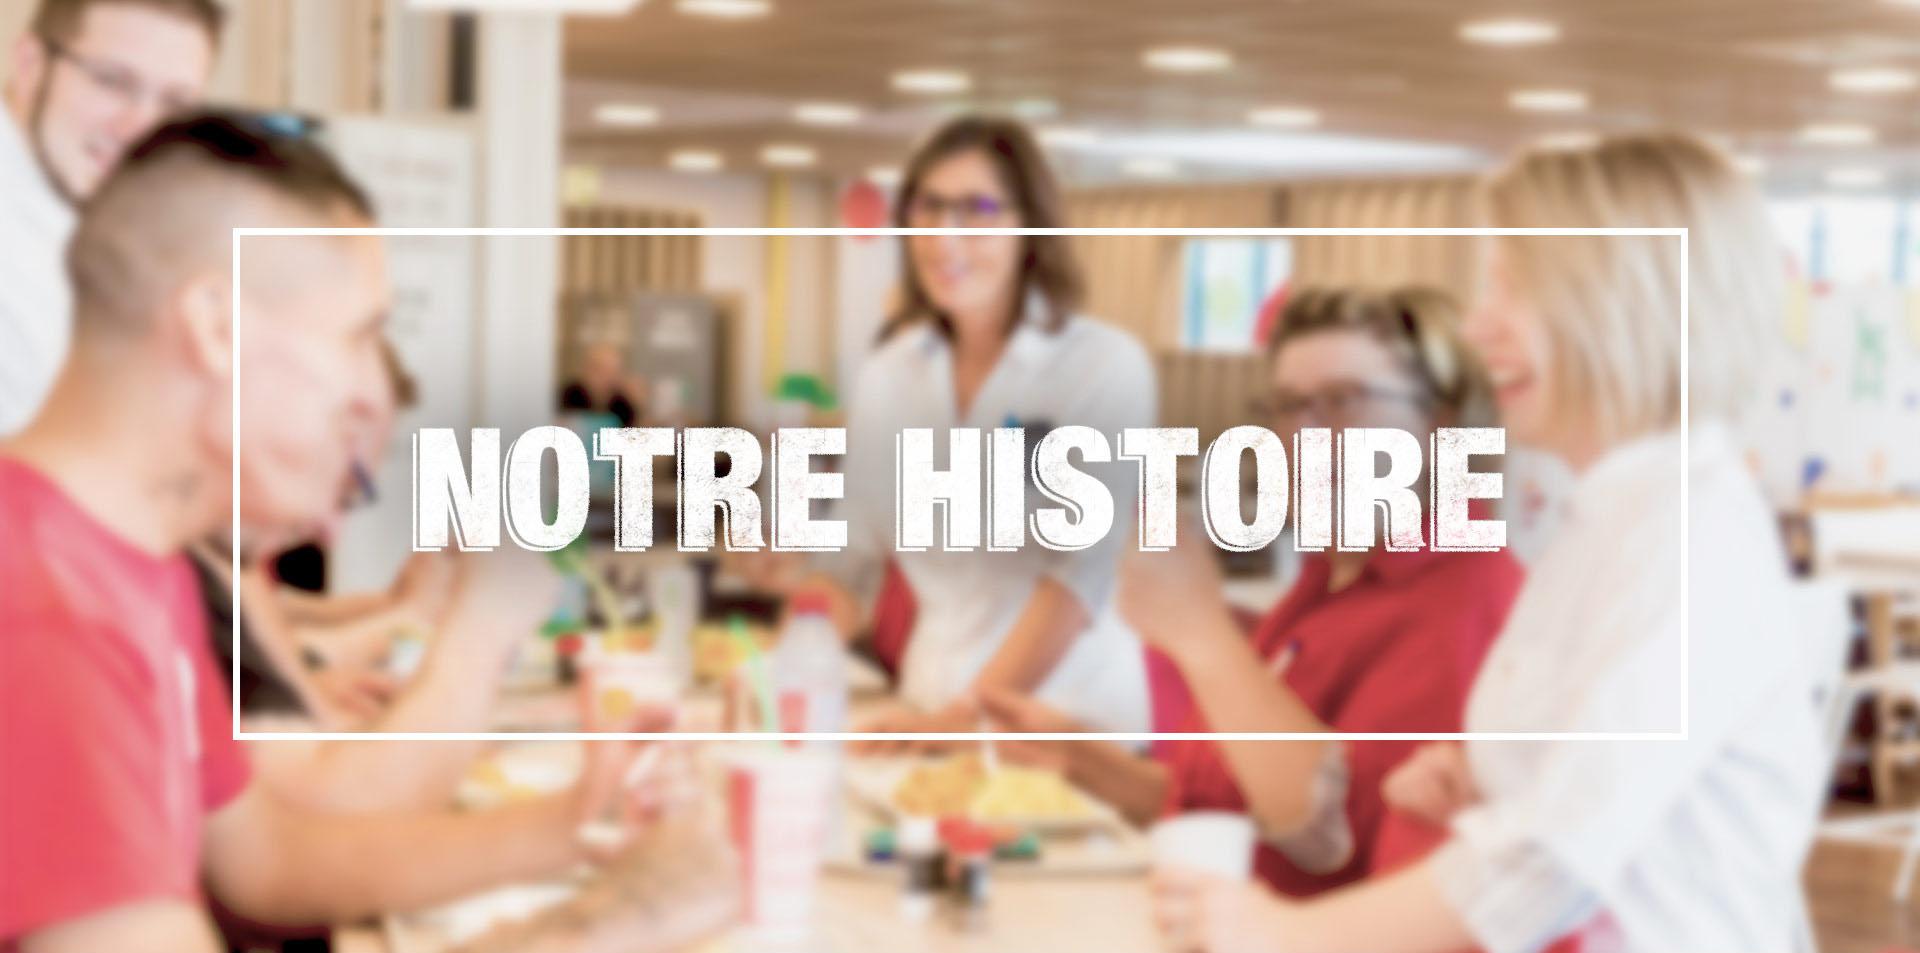 Recrutement - Notre histoire